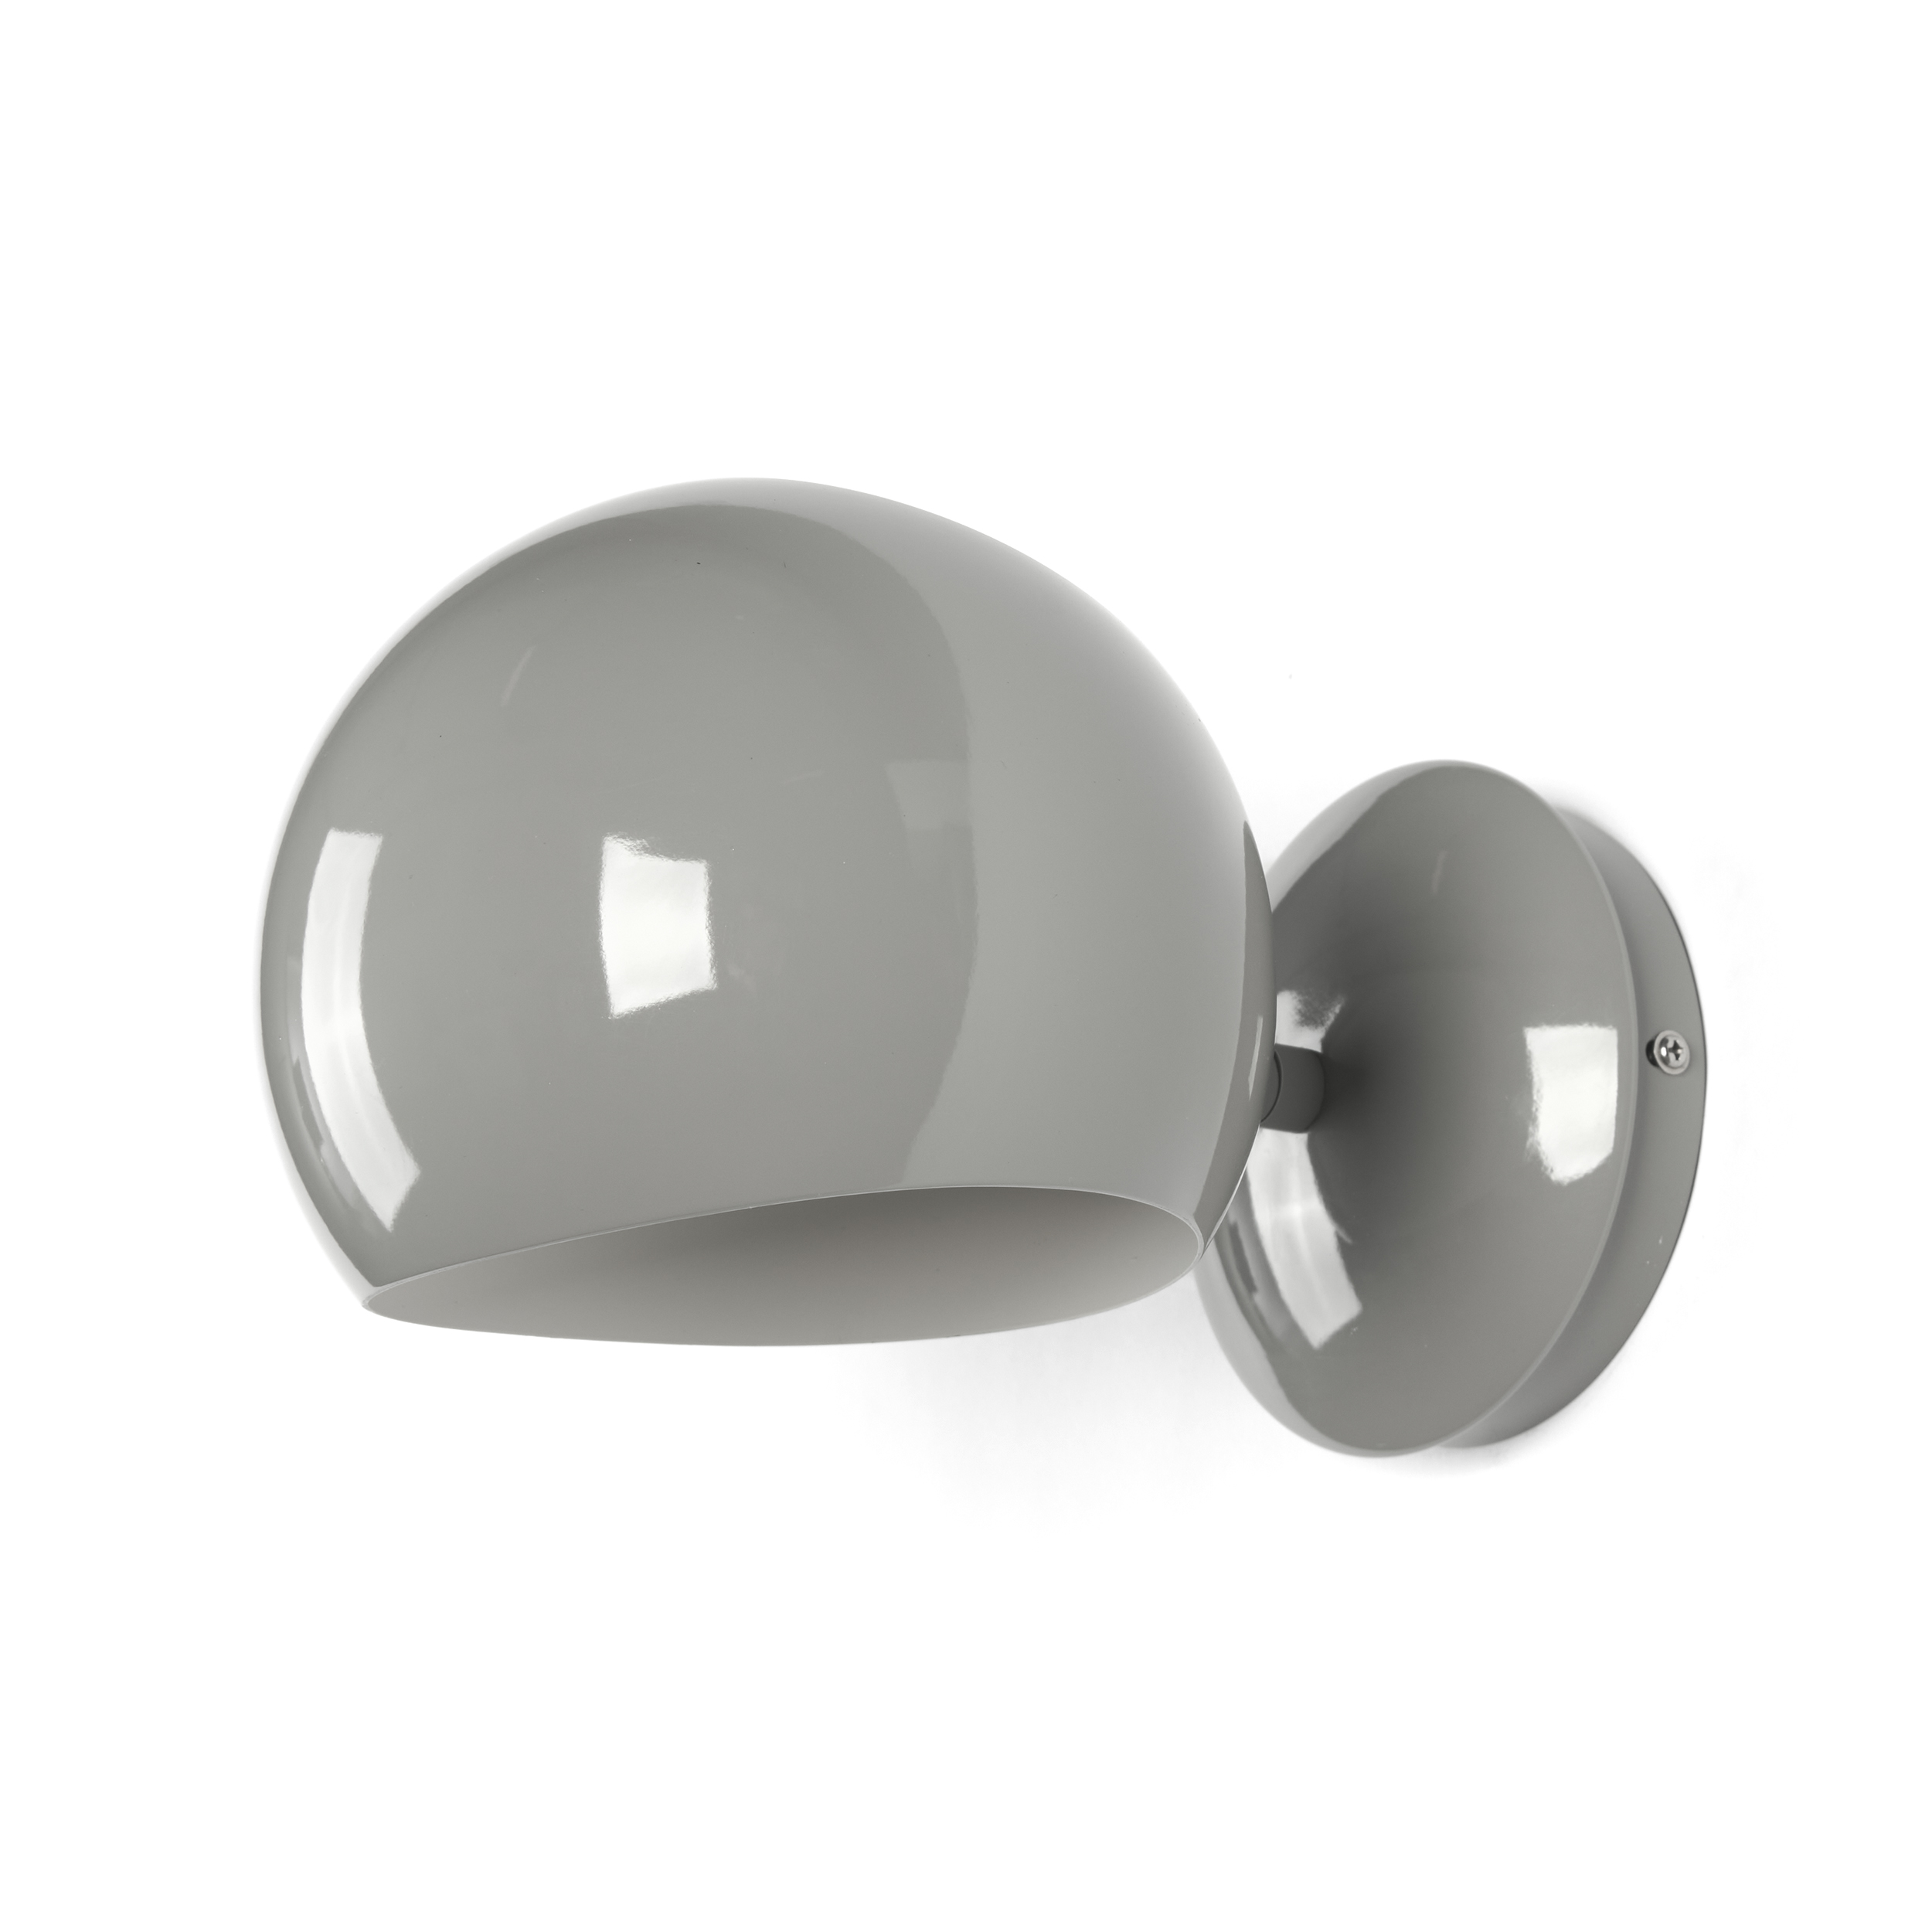 Настенный светильник Cosmo 15577216 от Cosmorelax